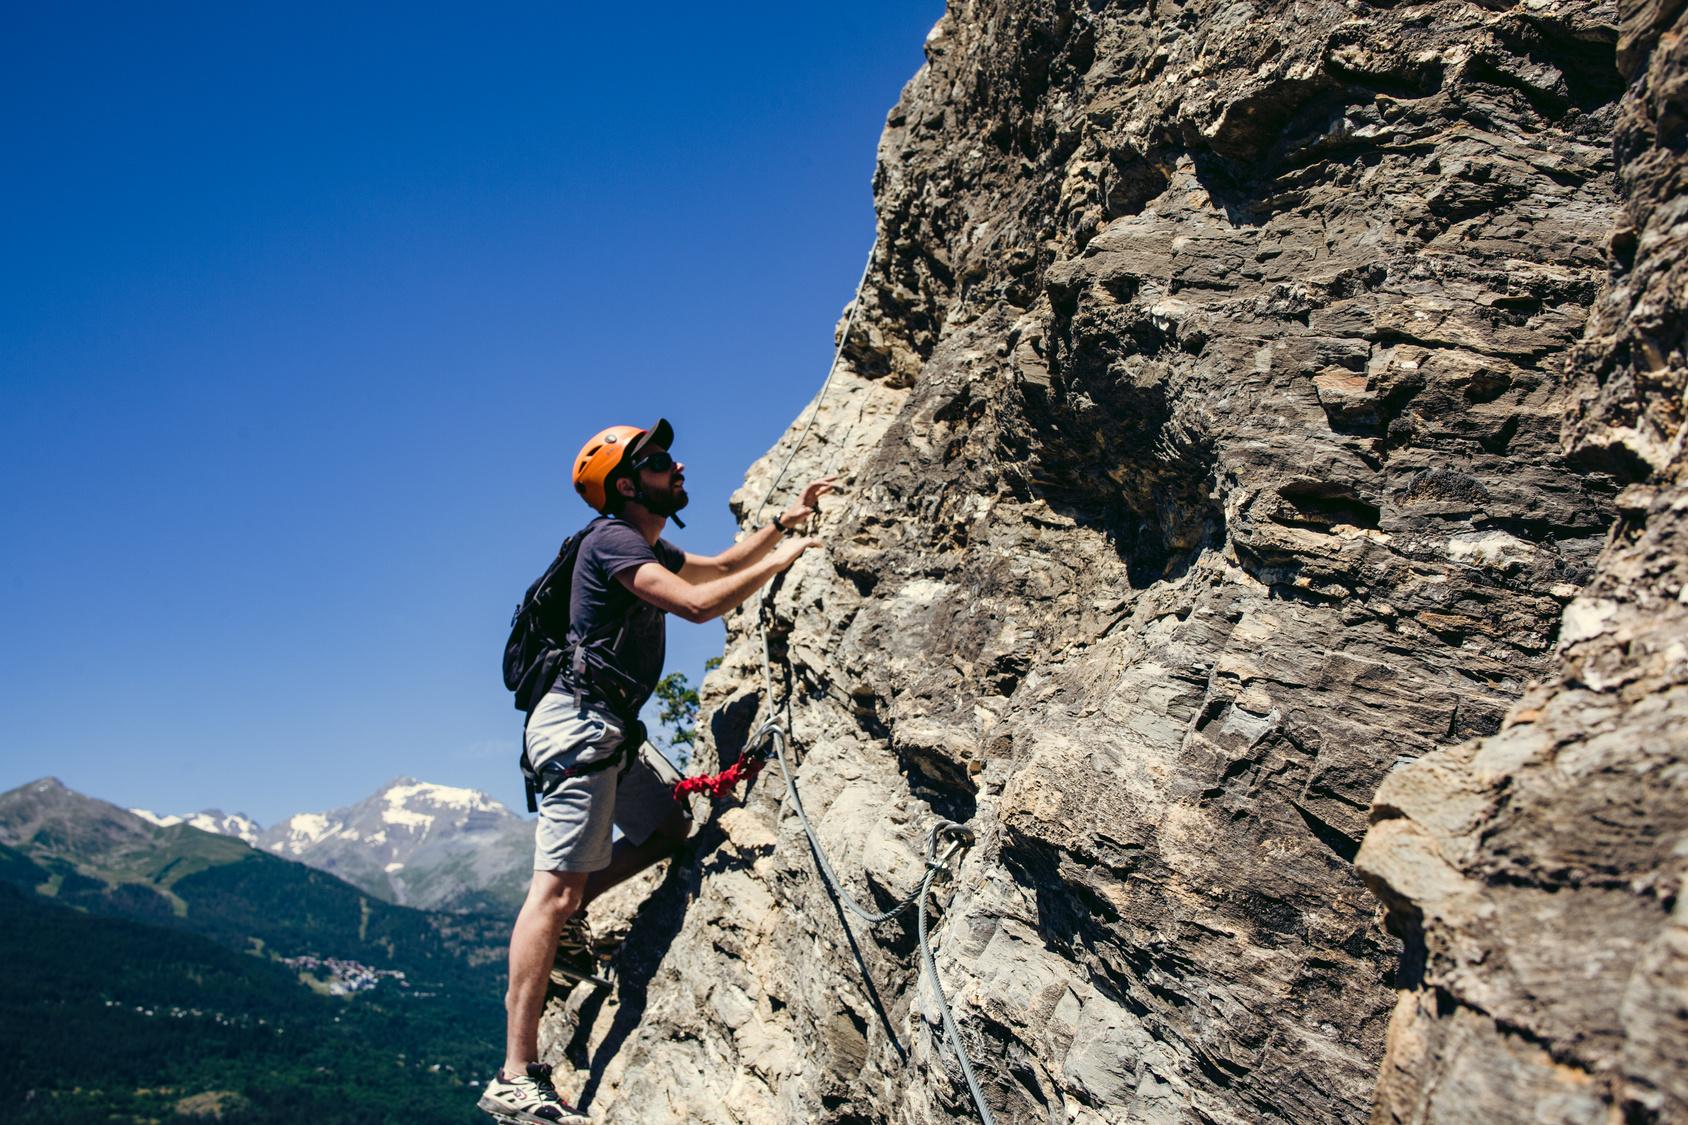 Kletterausrüstung Ausleihen Dresden : Via ferrata paradies der klettersteige rund um den gardasee